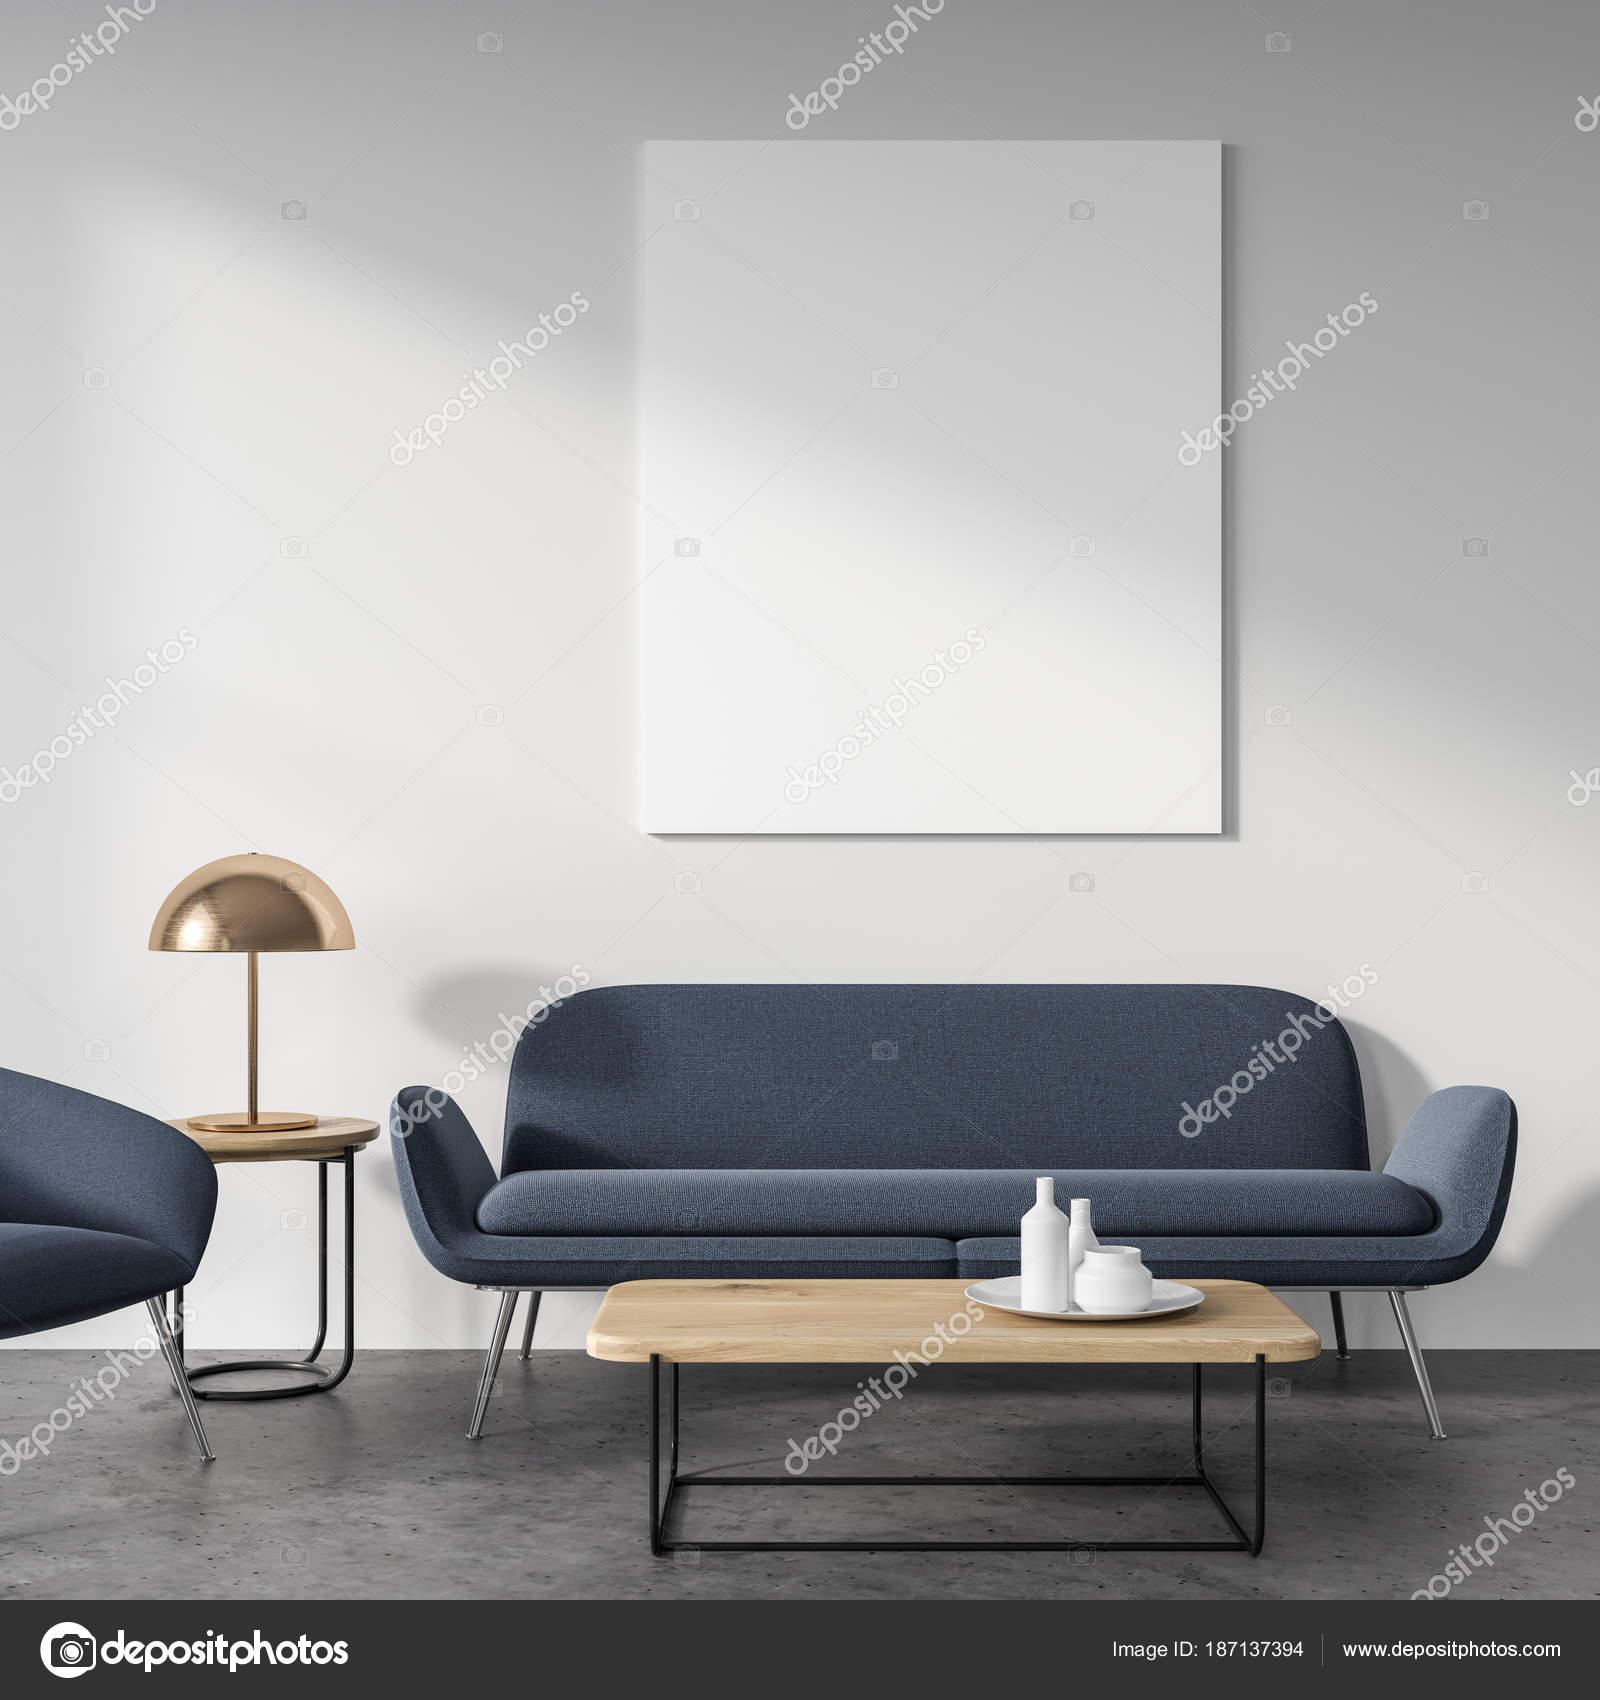 Blanc Salon Canape Gris Affiche Photographie